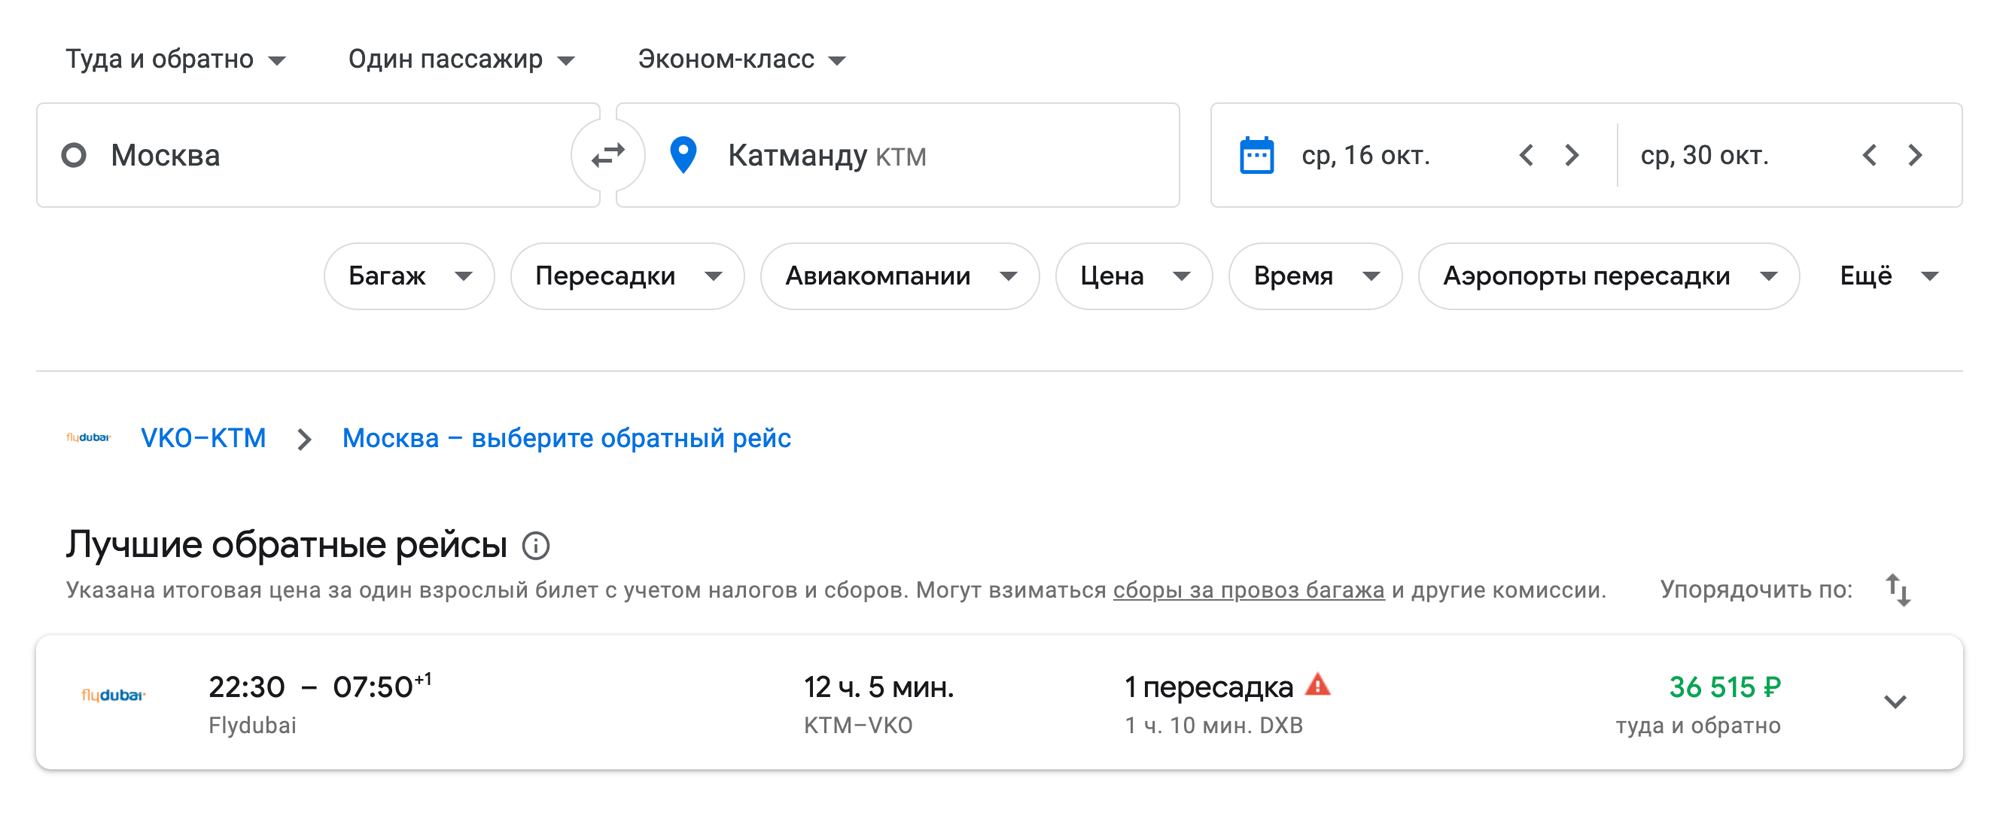 Перелет Москва — Катманду на октябрь с небольшой пересадкой в Дубае стоит 36 500<span class=ruble>Р</span>